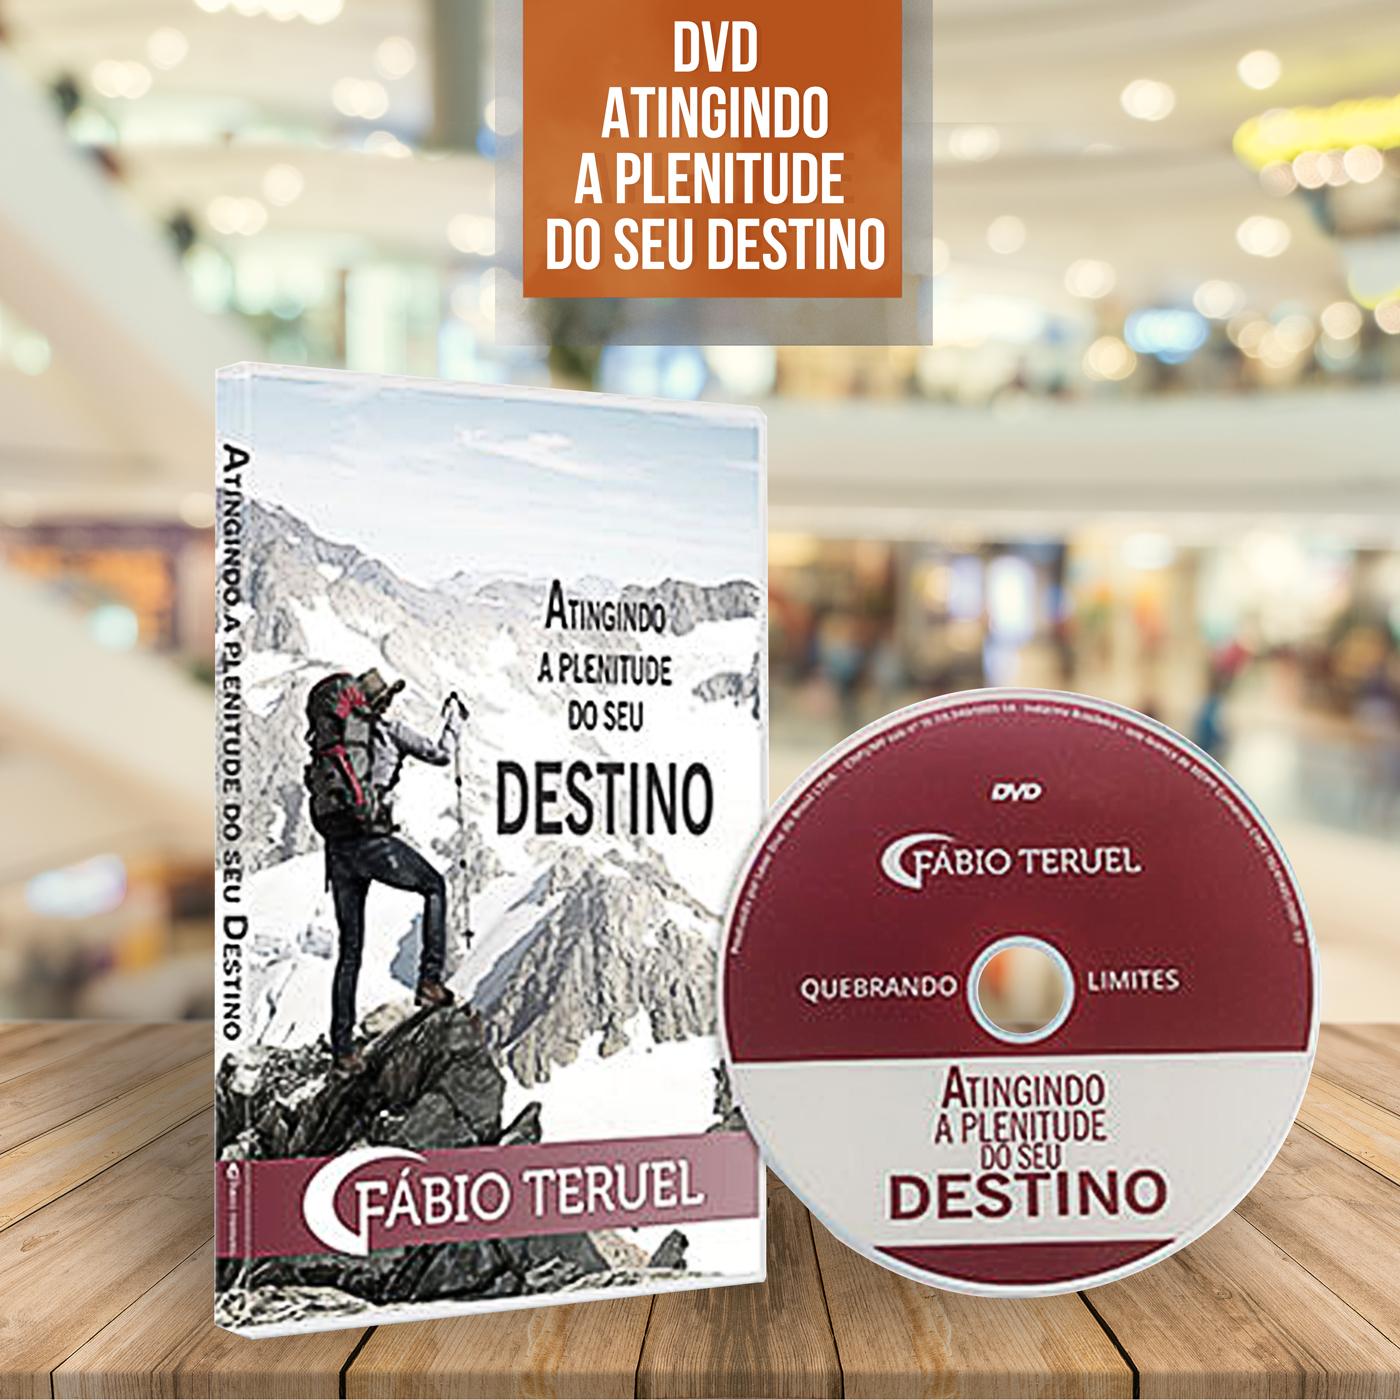 DVD Fábio Teruel - Atingindo a Plenitude do seu Destino